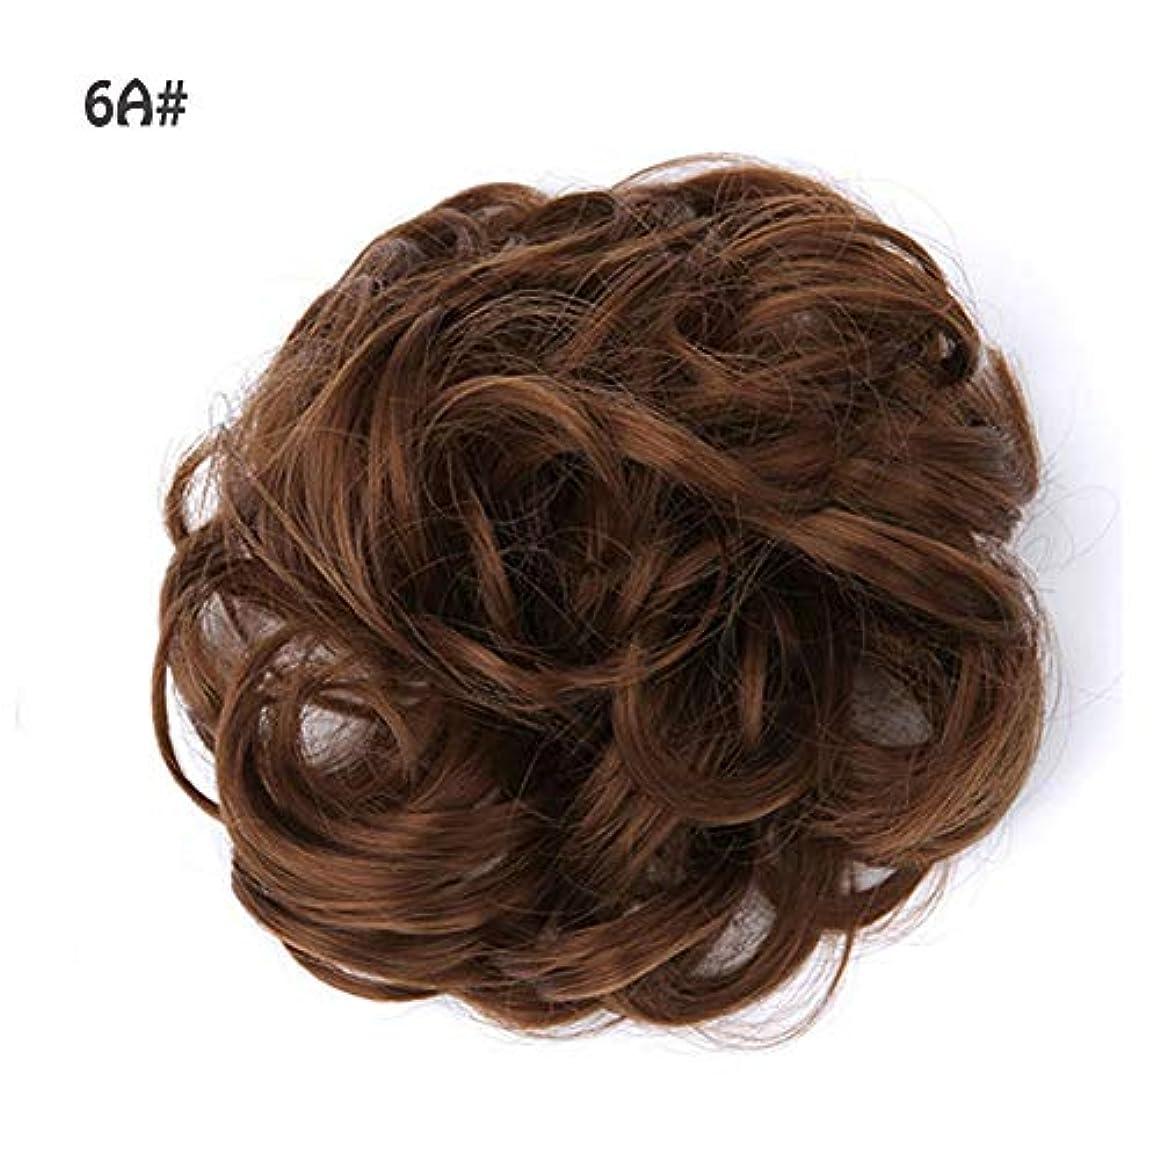 しないでくださいセッティングリボンポニーテールドーナツシニョン拡張機能、女性のためのカーリー波状の作品、乱雑なシュシュ髪お団子リボンアクセサリー